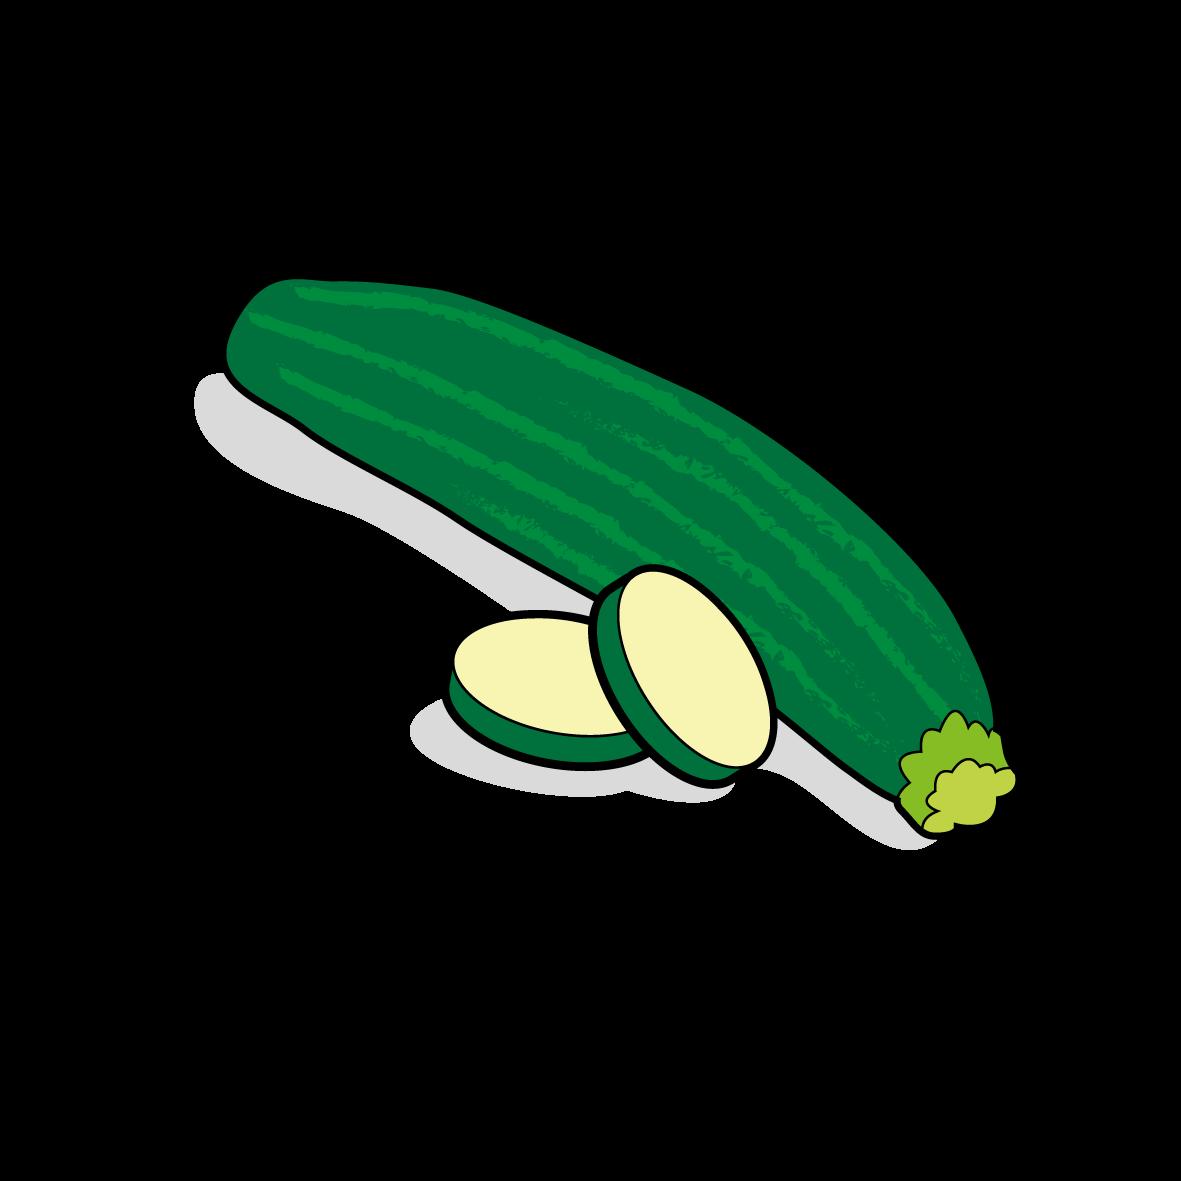 Icone d'une courgette, ailmacocotte.com